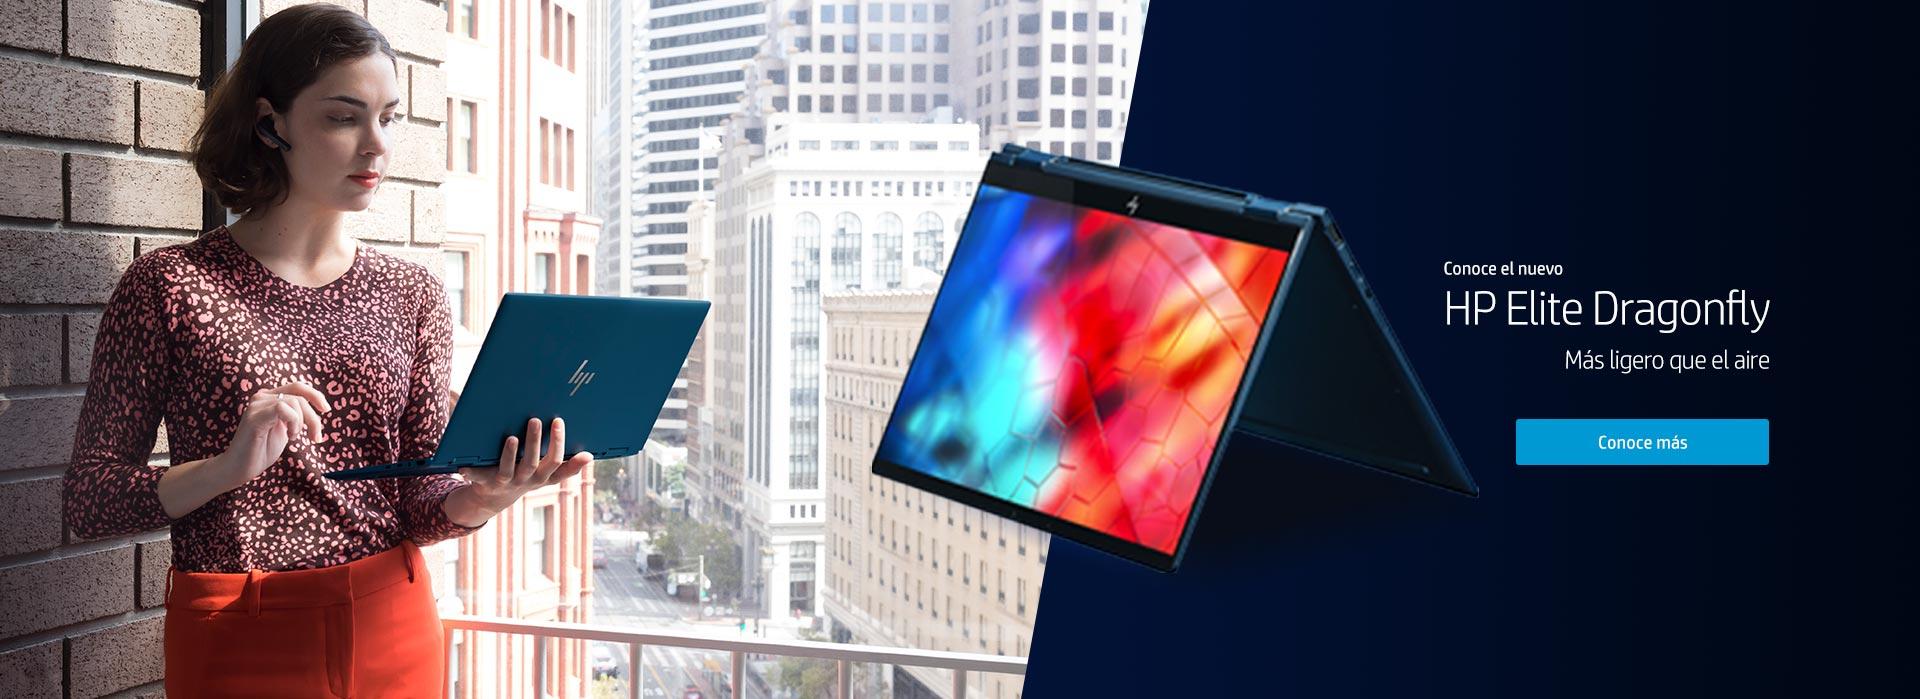 Conoce el nuevo HP Elite Dragonfly | Más ligero que el aire